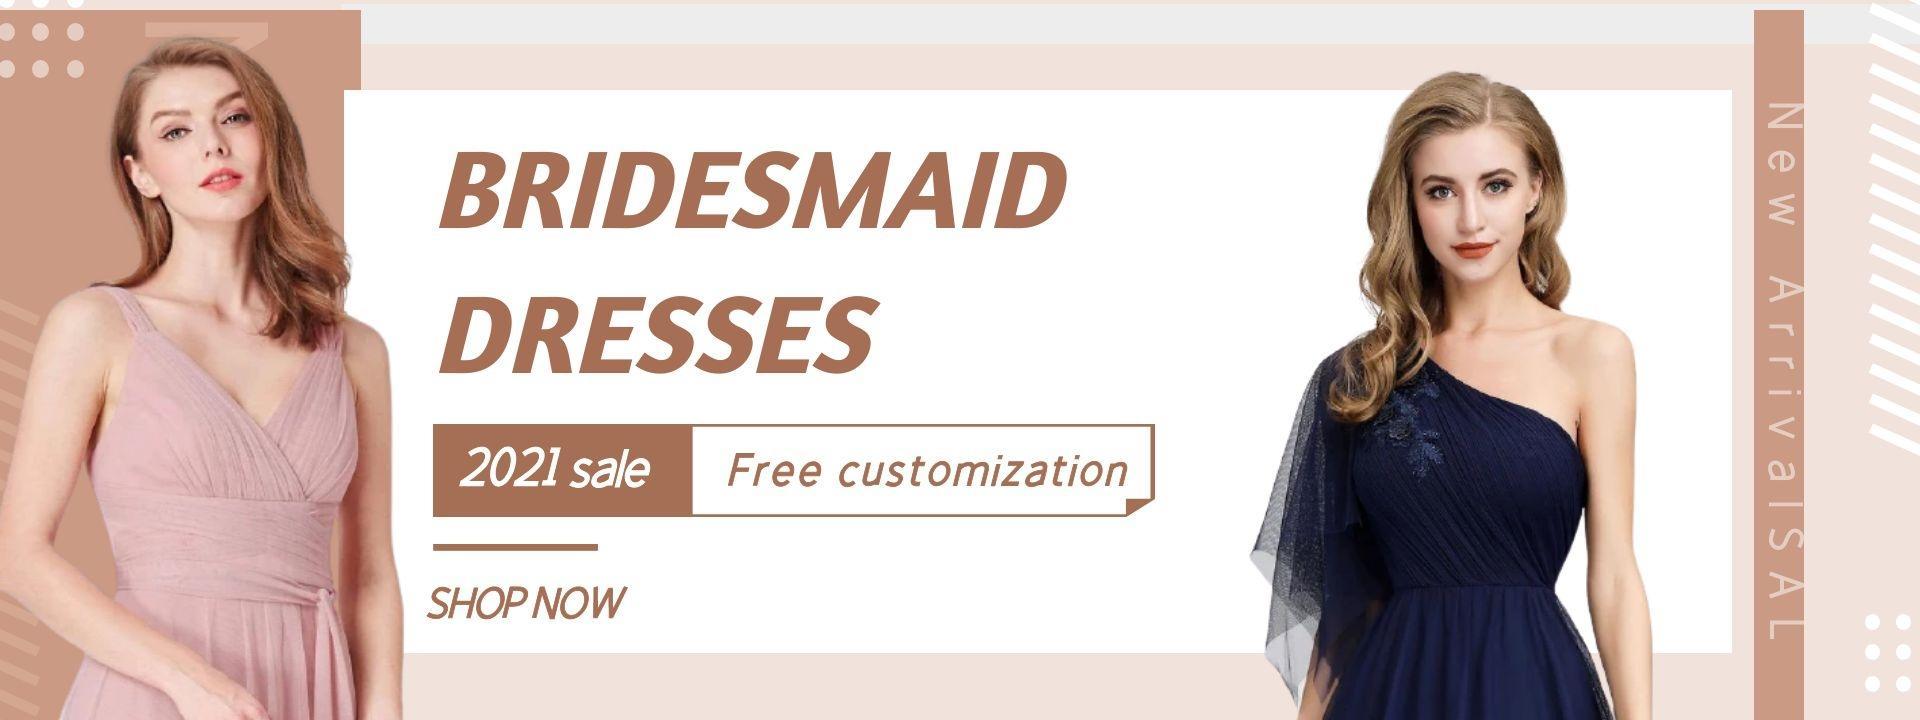 Smileprom Dresses